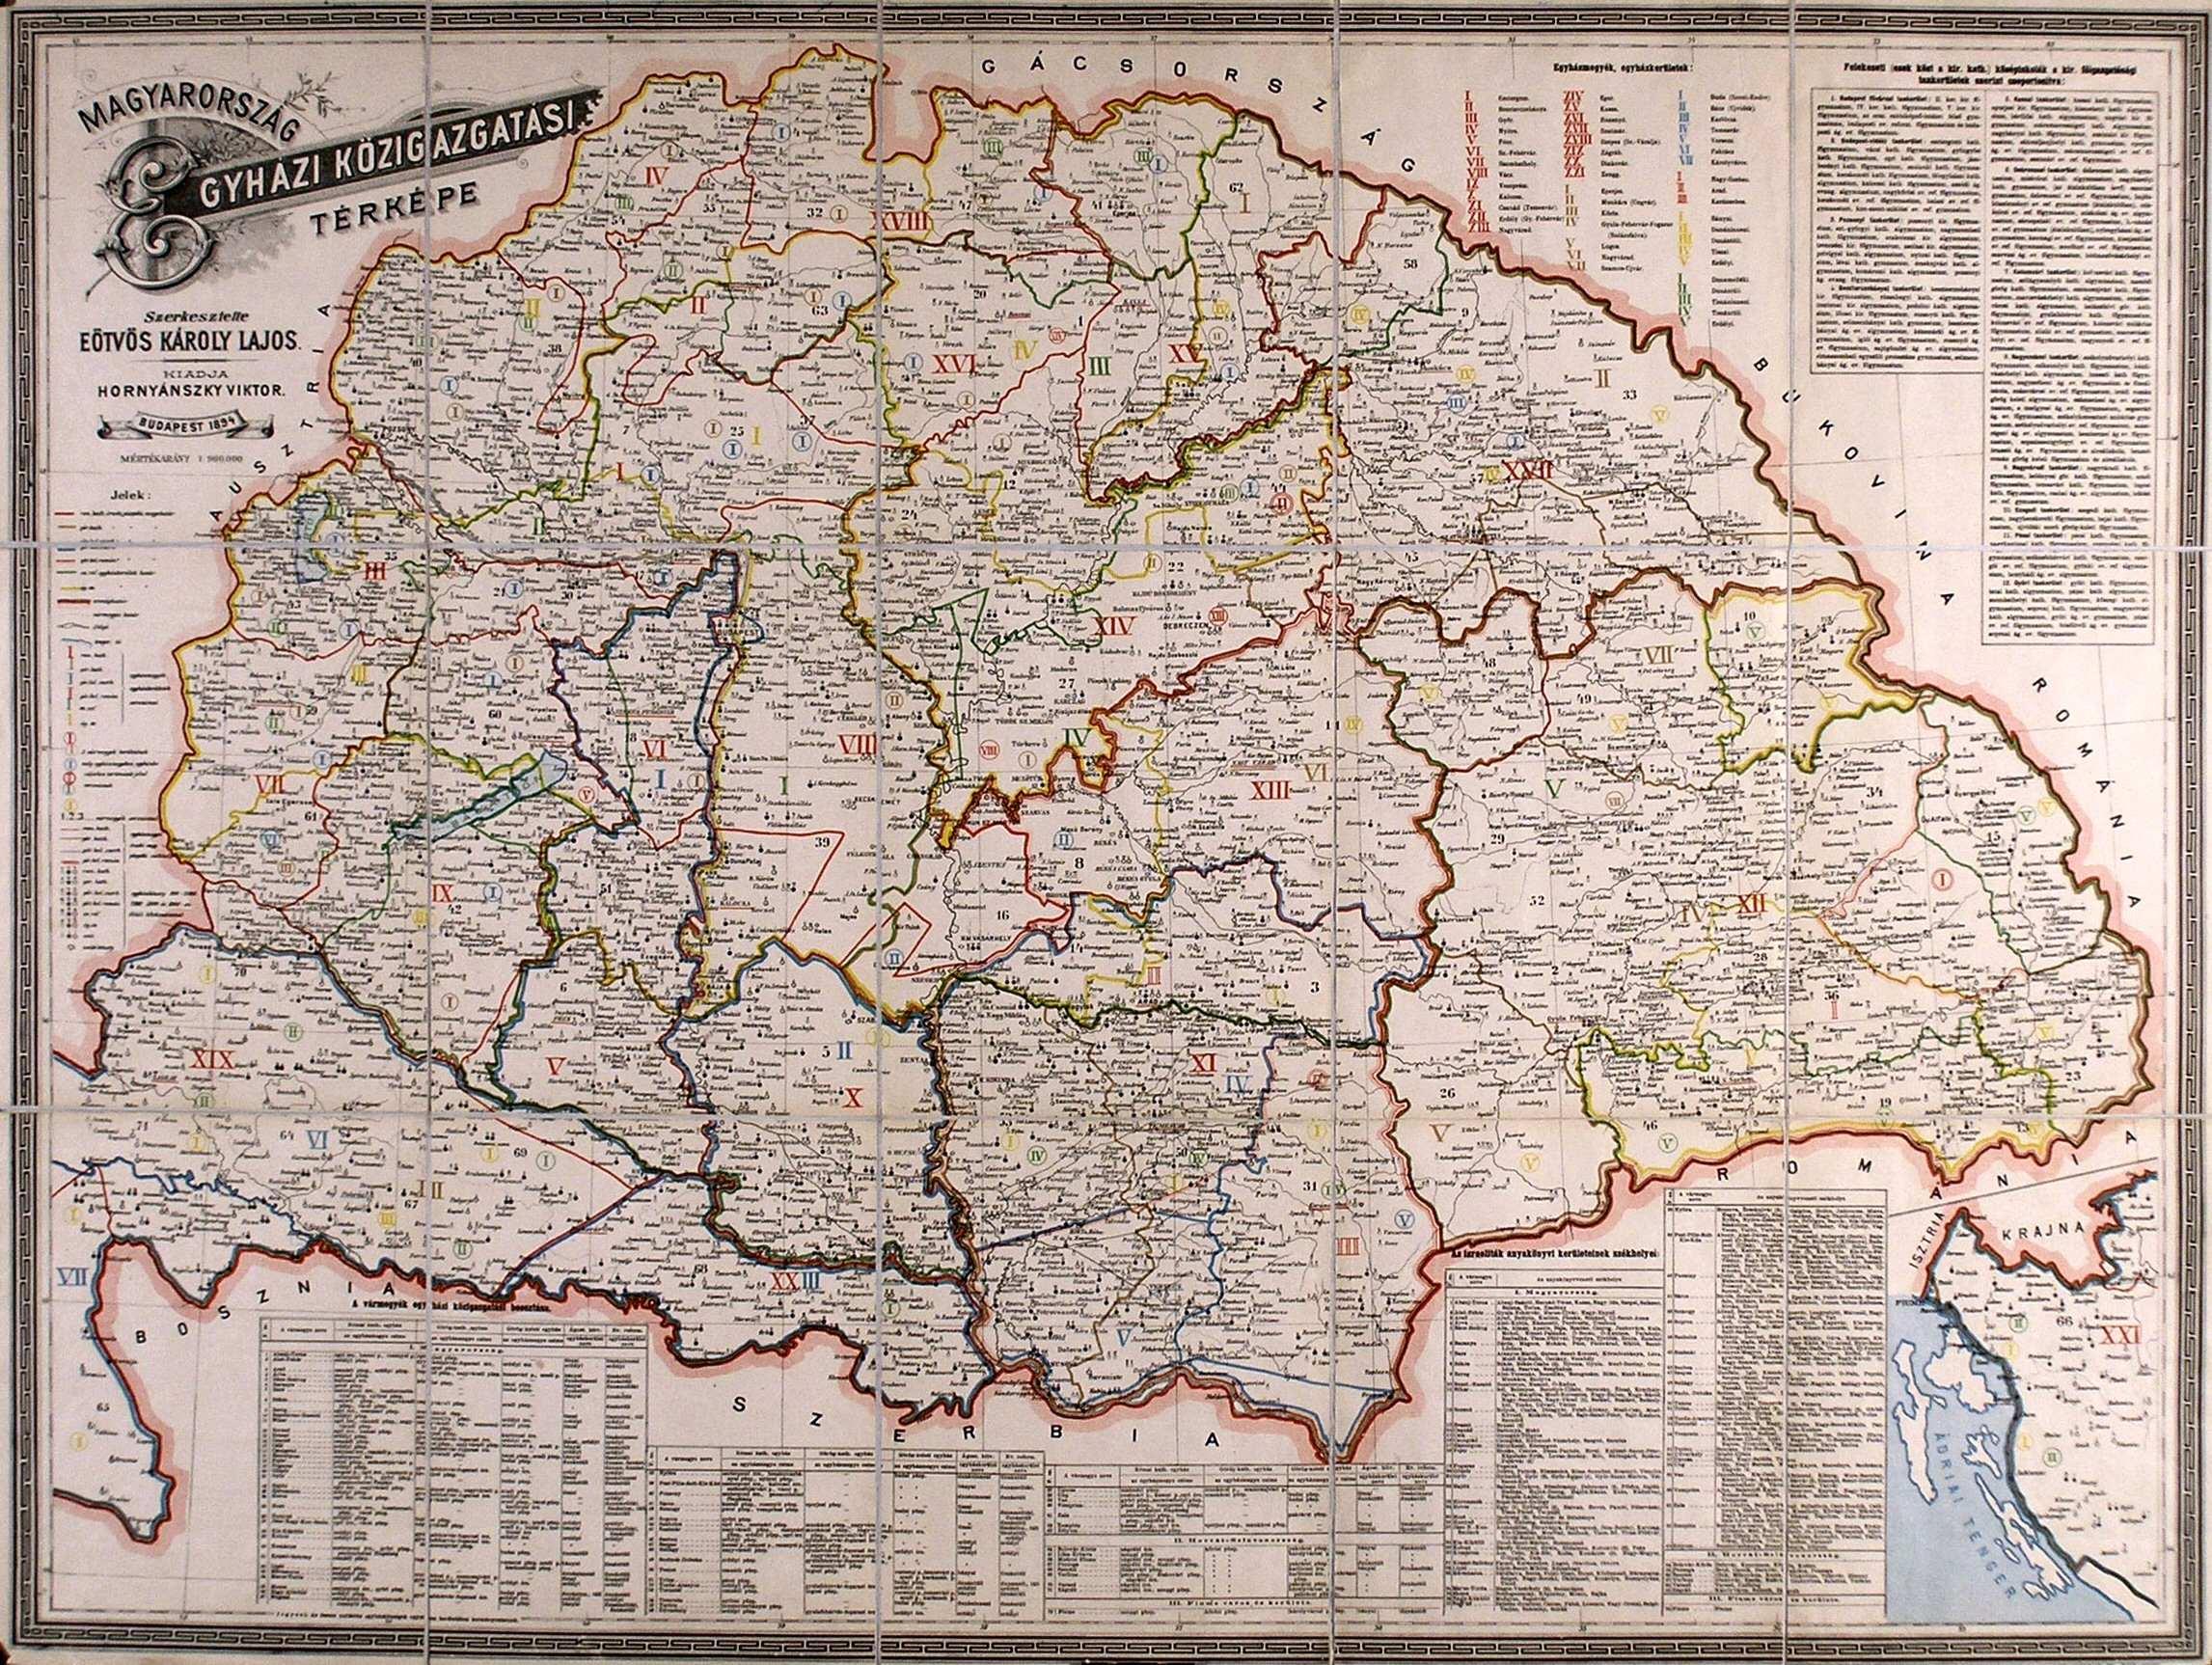 nagy magyarország térkép letöltés Templomok / SZOLGÁLÓ hittan   katolikus lelkiségi honlap nagy magyarország térkép letöltés